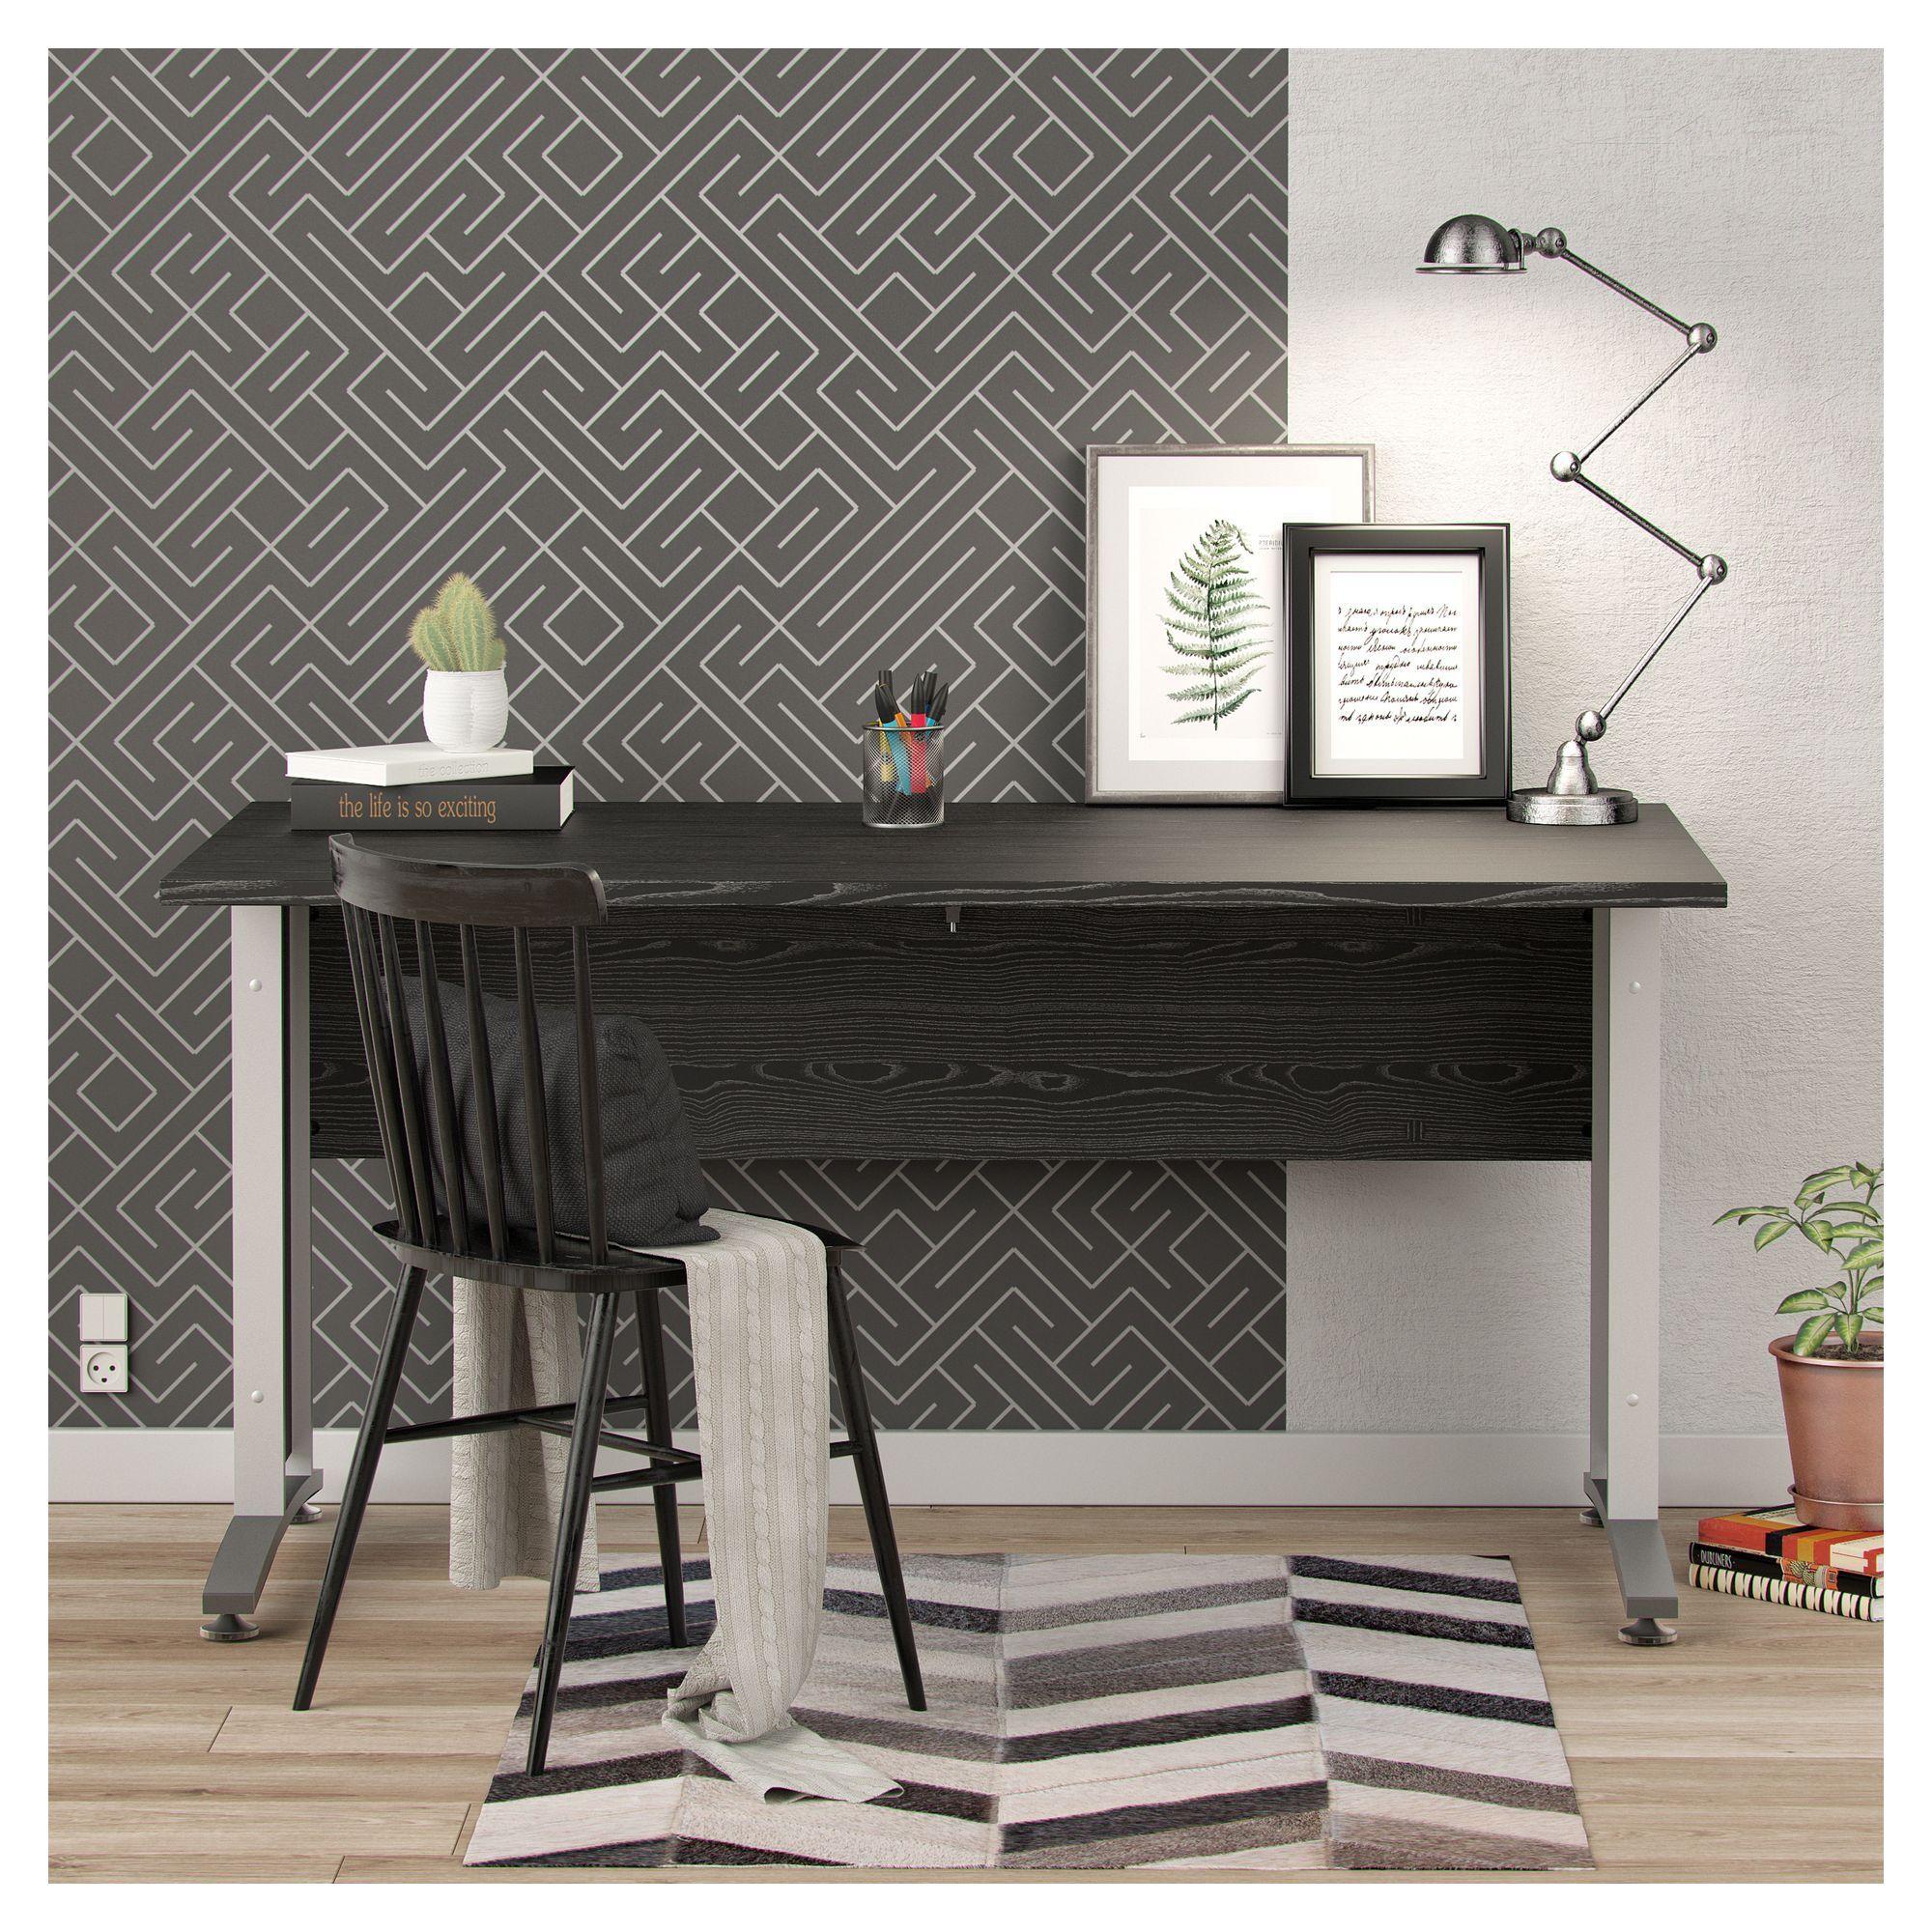 Prima Skrivebord - Sort 120cm - Skrivebord i sort ask m. sølvgrå stål - 120 cm